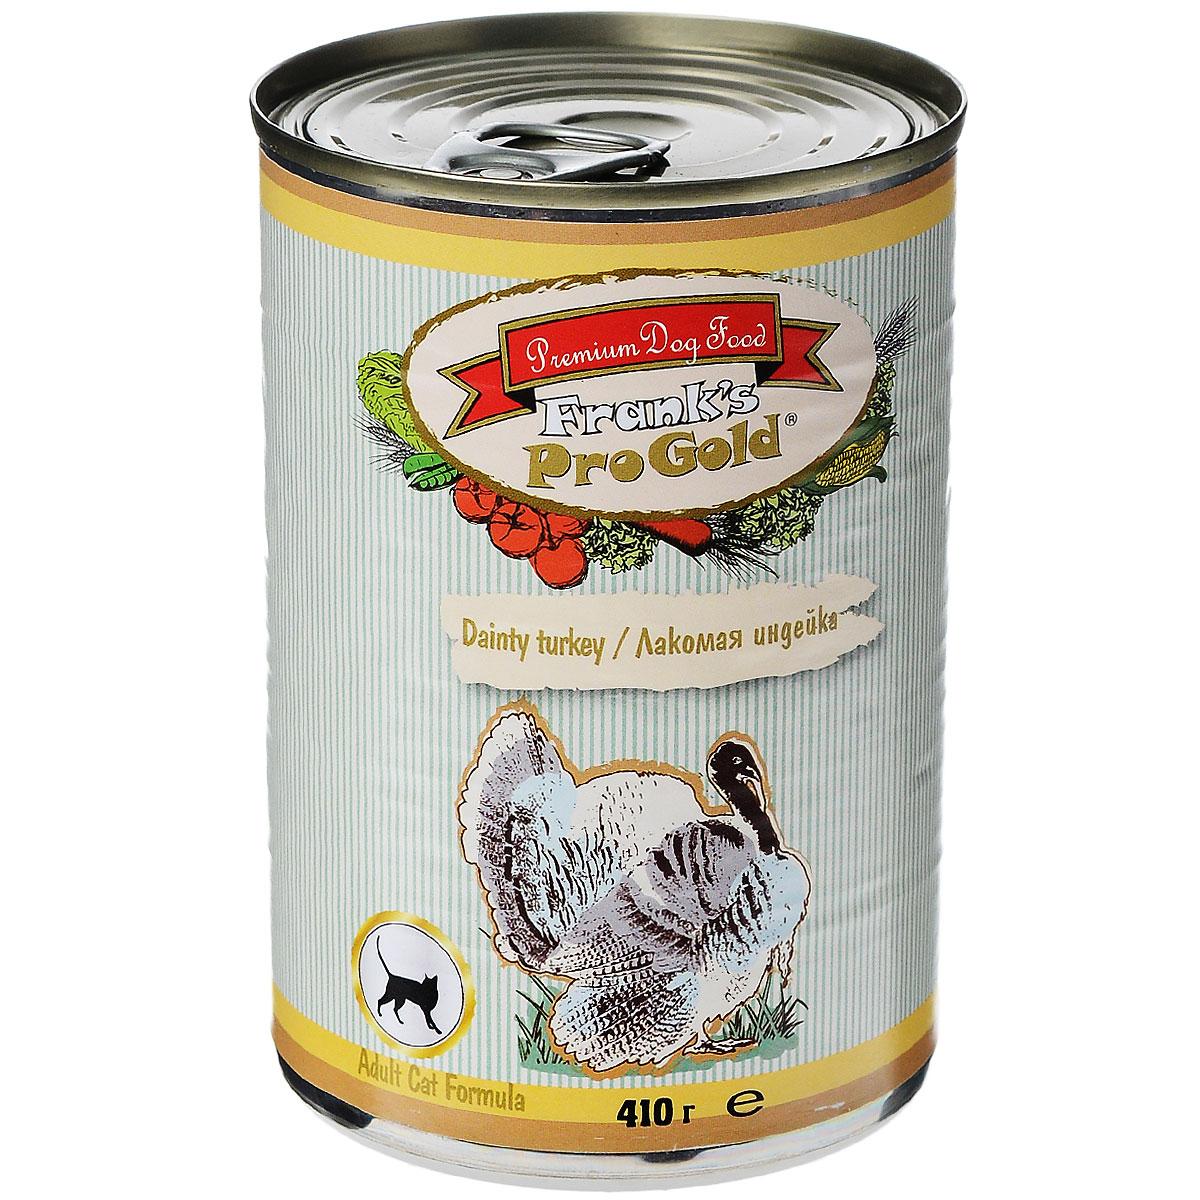 Консервы для кошек Franks ProGold, с индейкой, 410 г0120710Консервы для кошек Franks ProGold - полнорационный продукт, содержащий все необходимые витамины и минералы, сбалансированный для поддержания оптимального здоровья вашего питомца! Ваш любимец, безусловно, оценит нежнейшие кусочки мяса в желе! Произведенные из натуральных ингредиентов, консервы Franks Pro Gold не содержат ГМО, сою, искусственных красителей, консервантов и усилителей вкуса. Состав: мясо курицы, индейка, мясо и его производные, злаки, витамины и минералы. Пищевая ценность: влажность 81%,белки 6,5%, жиры 4,5%, зола 2%, клетчатка 0,5%. Добавки: витамин A 1600 IU, витамин D 140 IU, витамин E 10 IU, таурин 300 мг/кг, железо E1 24 мг/кг, марганец E5 6 мг/кг, цинк E6 15 мг/кг, йодин E2 0,3 мг/кг. Калорийность: 393,6 ккал. Товар сертифицирован.